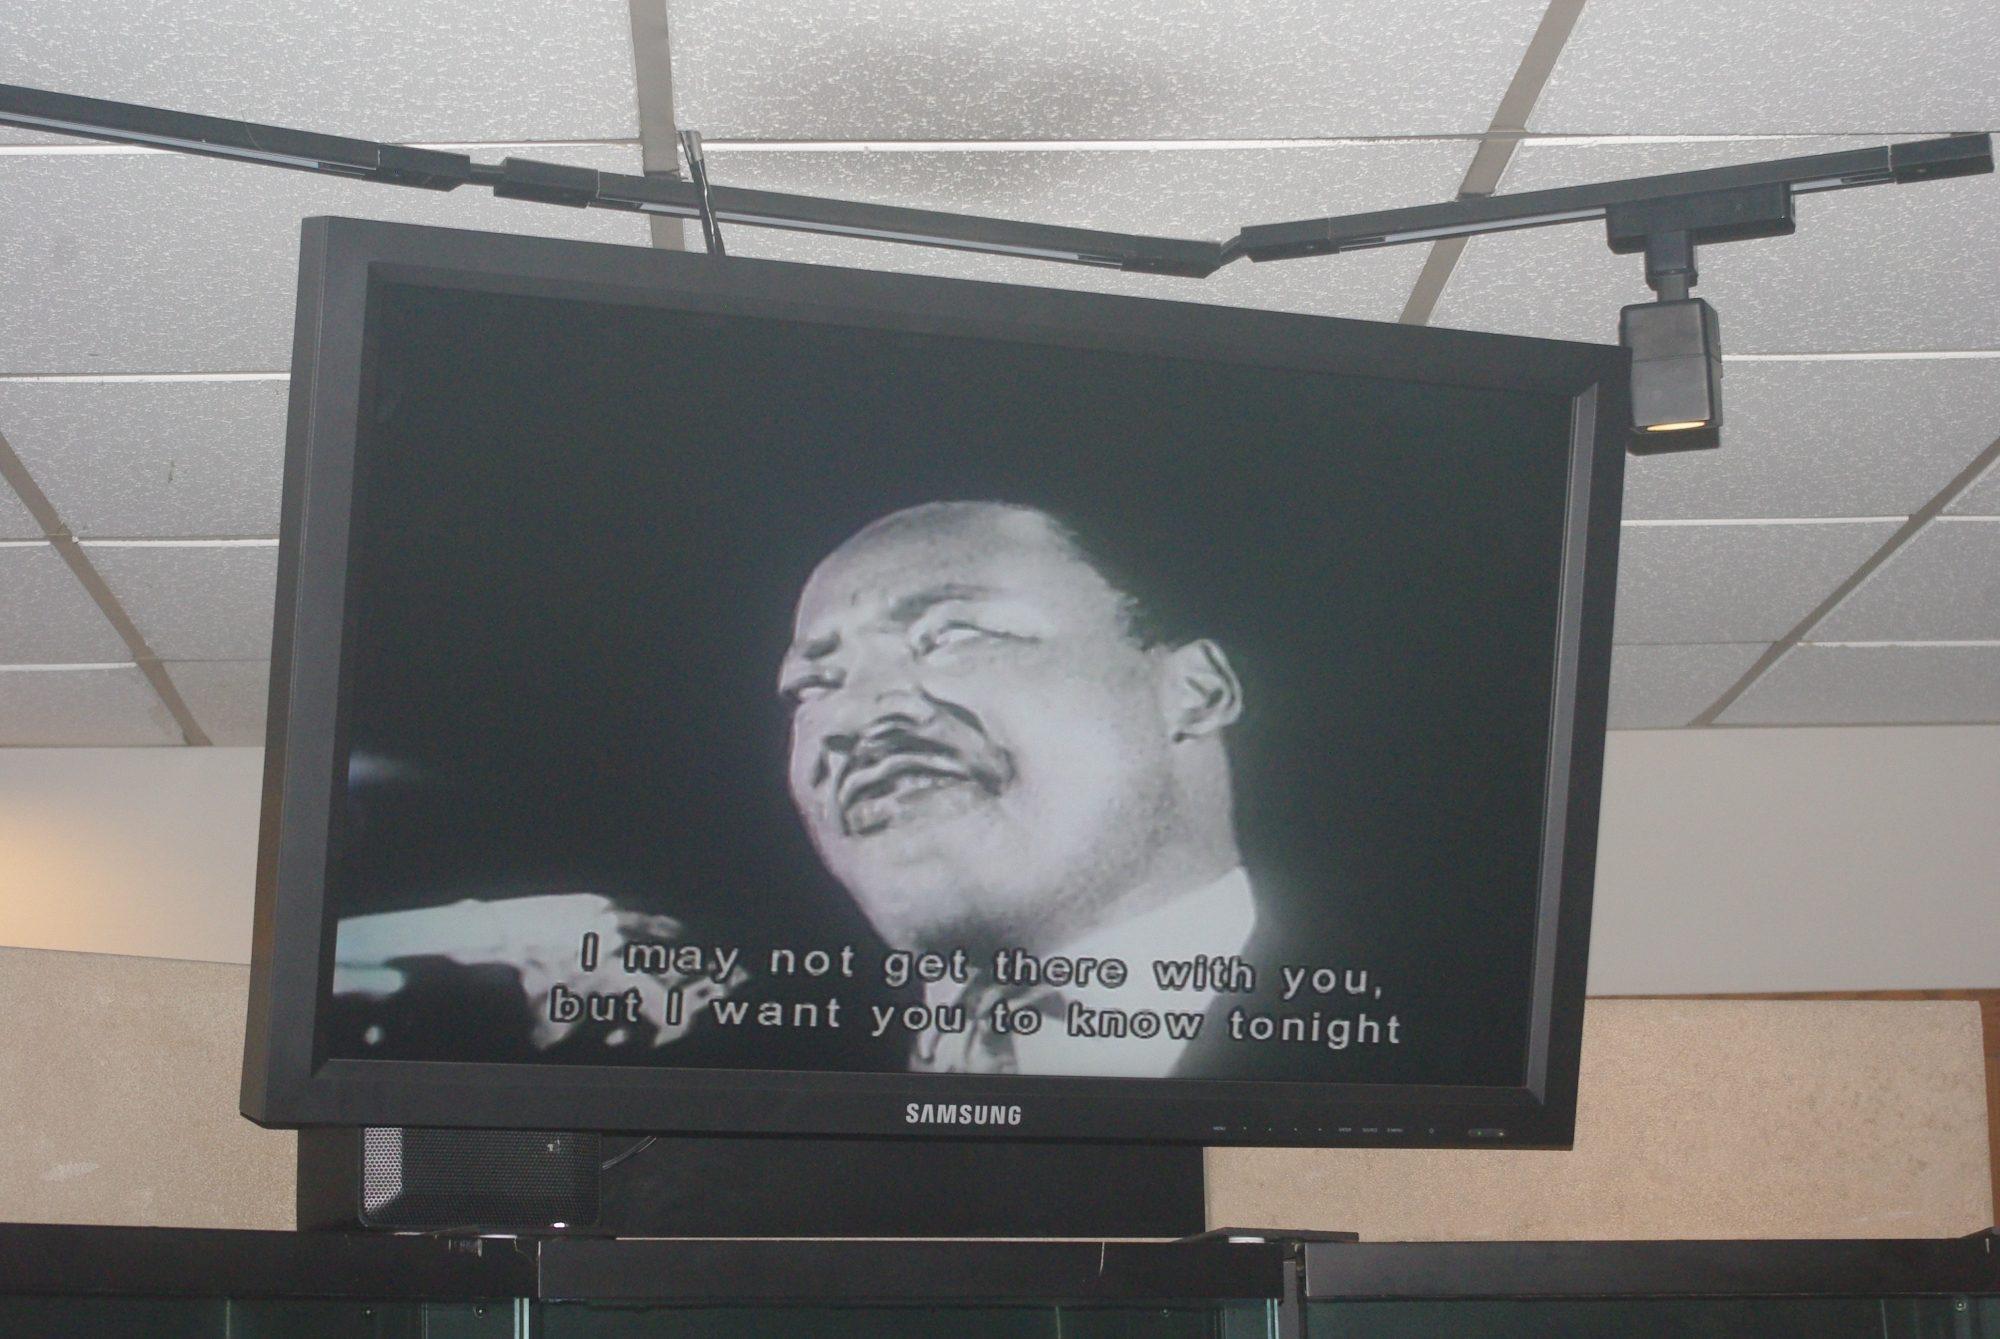 Son dernier discours prémonitoire parlant de la terre promise qu'il ne verra en effet jamais